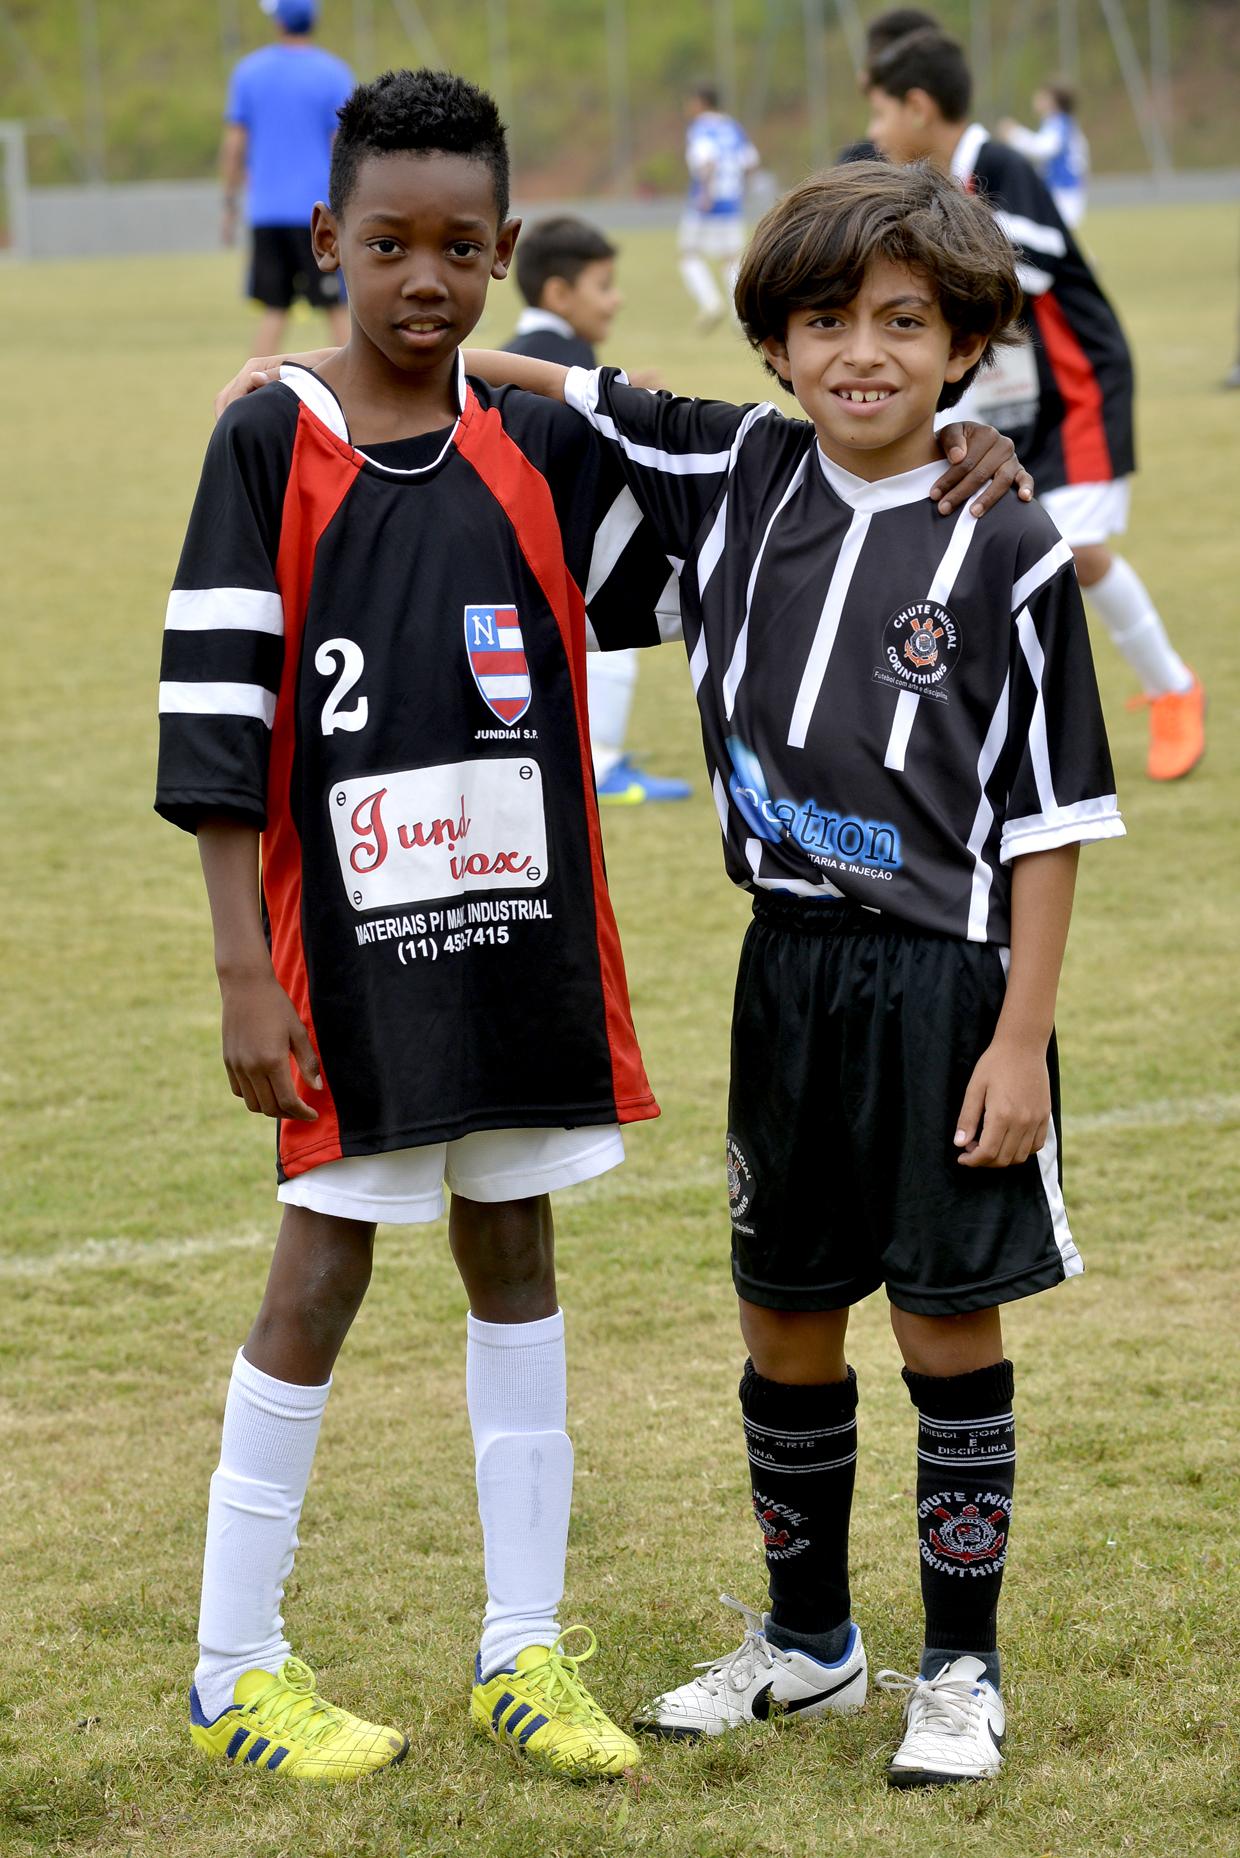 Festival de Futebol Sub-9 promove interação entre famílias  ac37860f45b7c